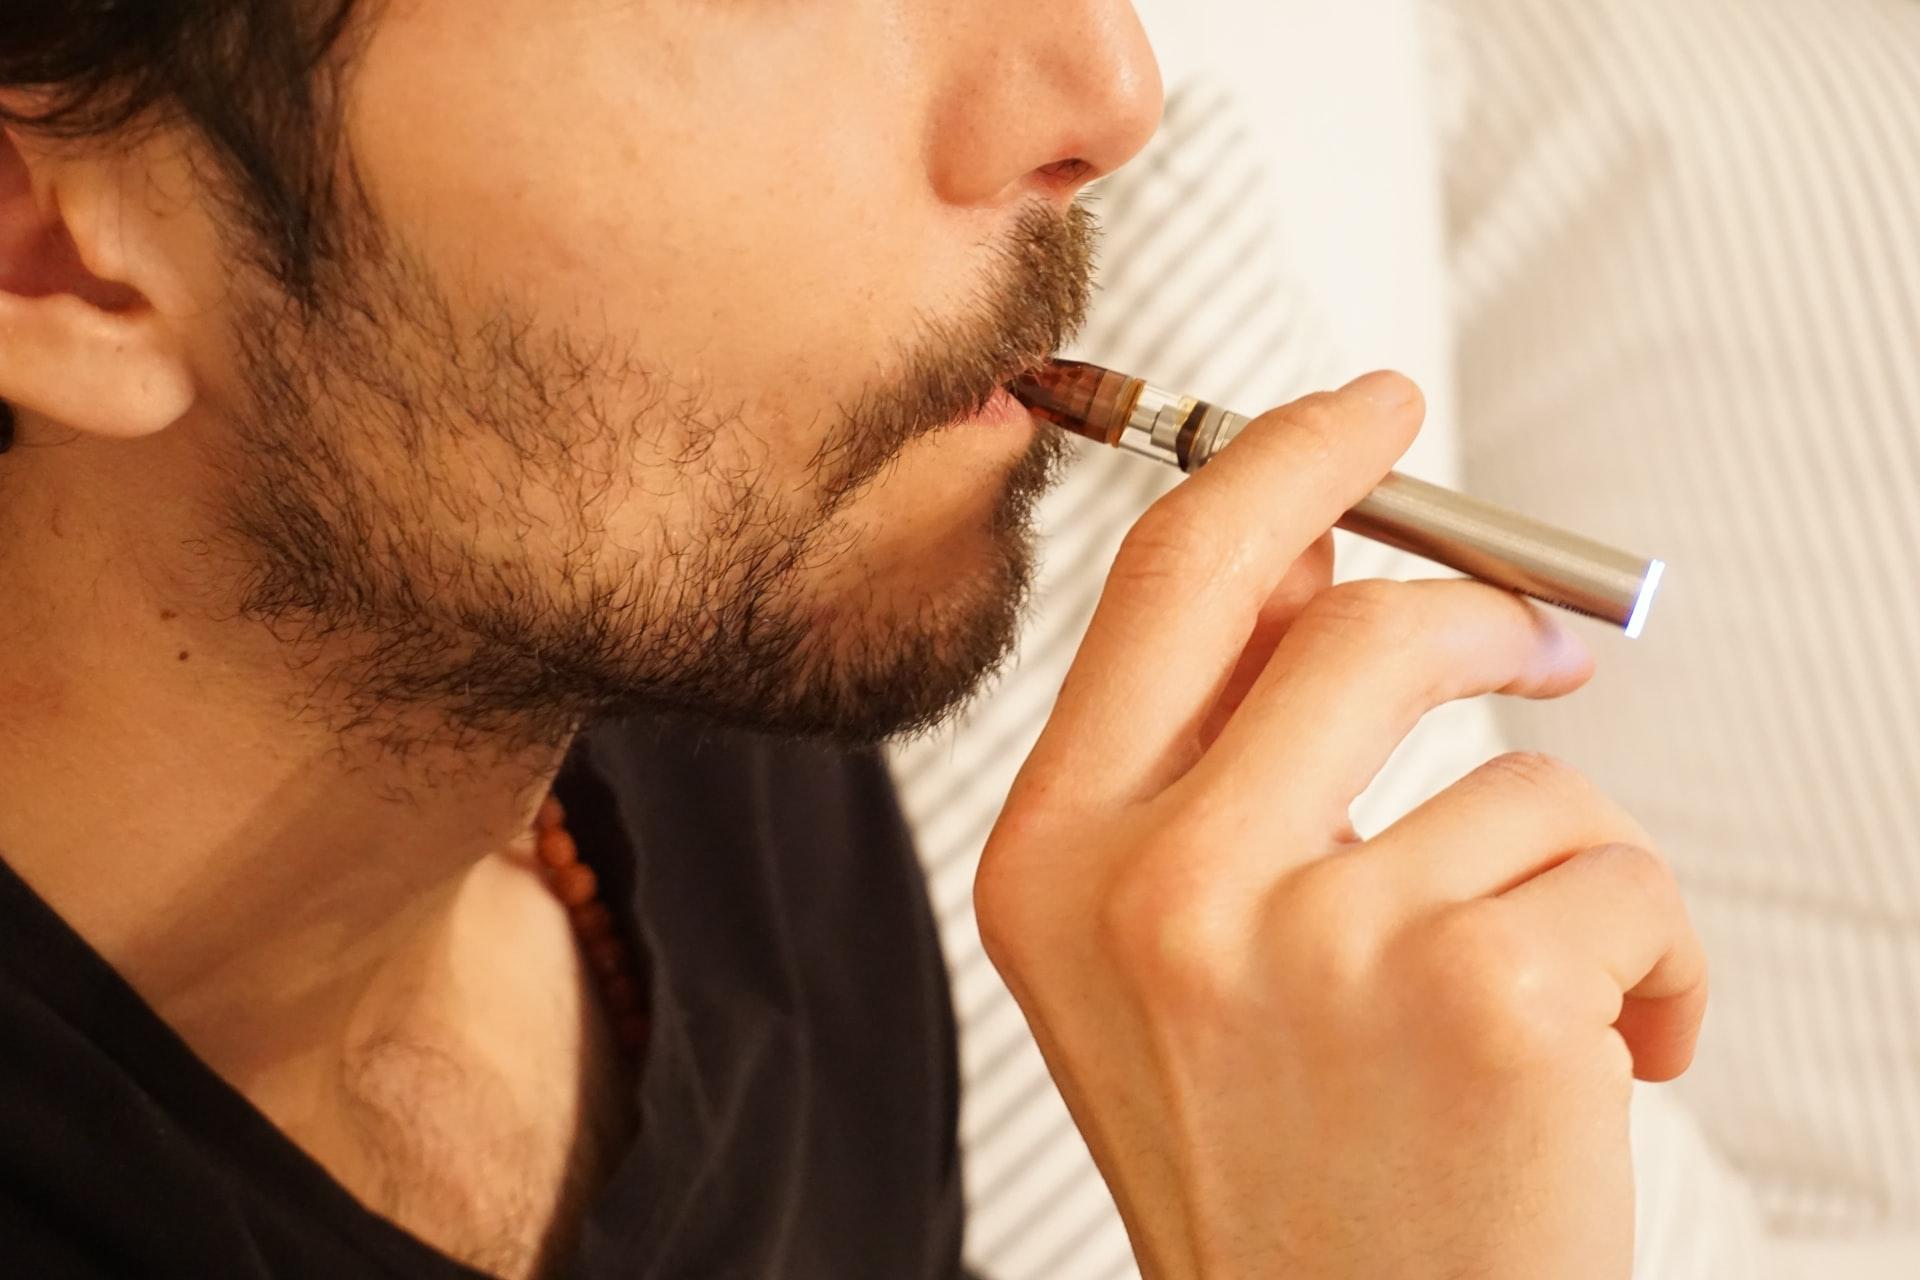 Le propylène glycol dans la cigarette électronique